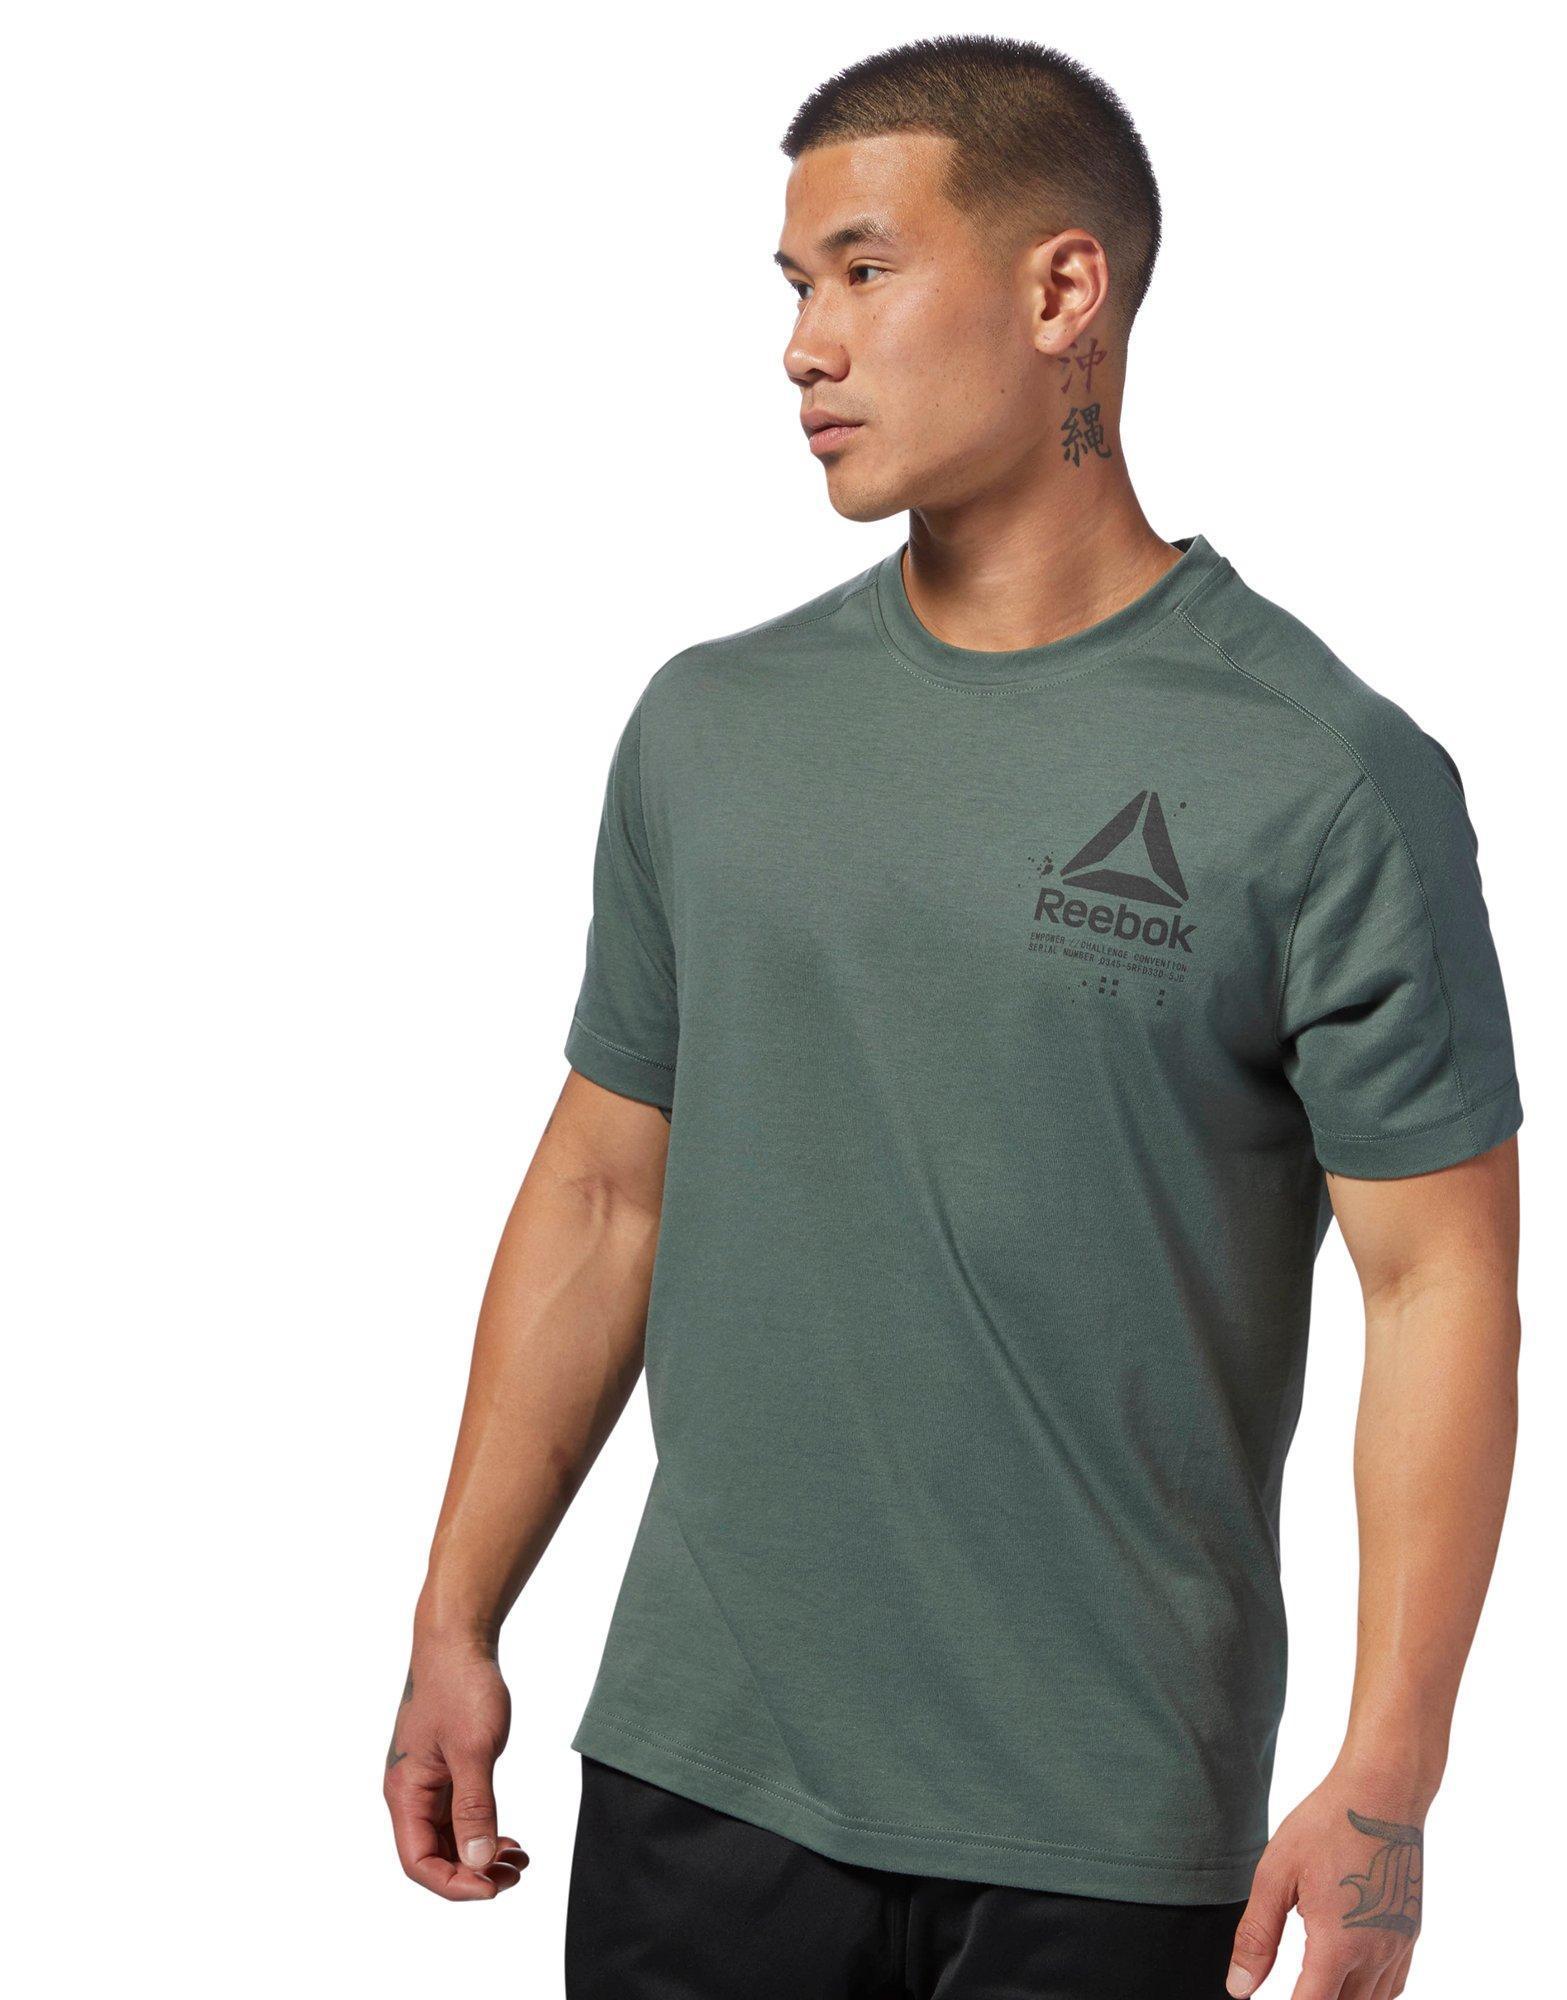 dd7987ef Lyst - Reebok Speedwick Graphic Tee in Green for Men